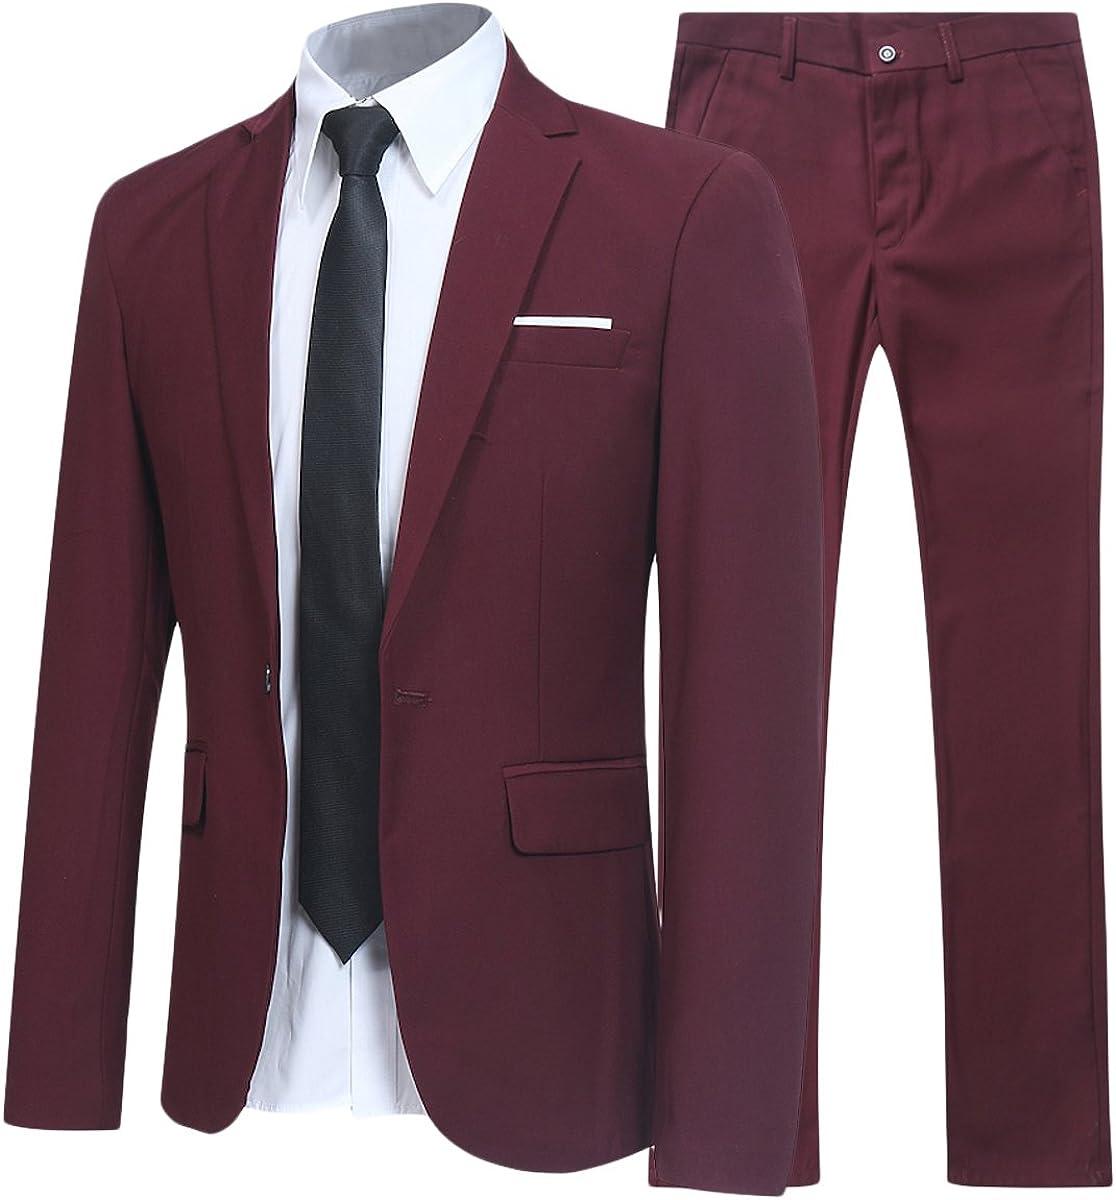 Allthemen Abiti da Uomo 2 Pezzi Suit Slim Fit Wedding Dinner Tuxedo Abiti per Uomo Business Casual Giacca e Pantaloni 10 Colori Disponibili